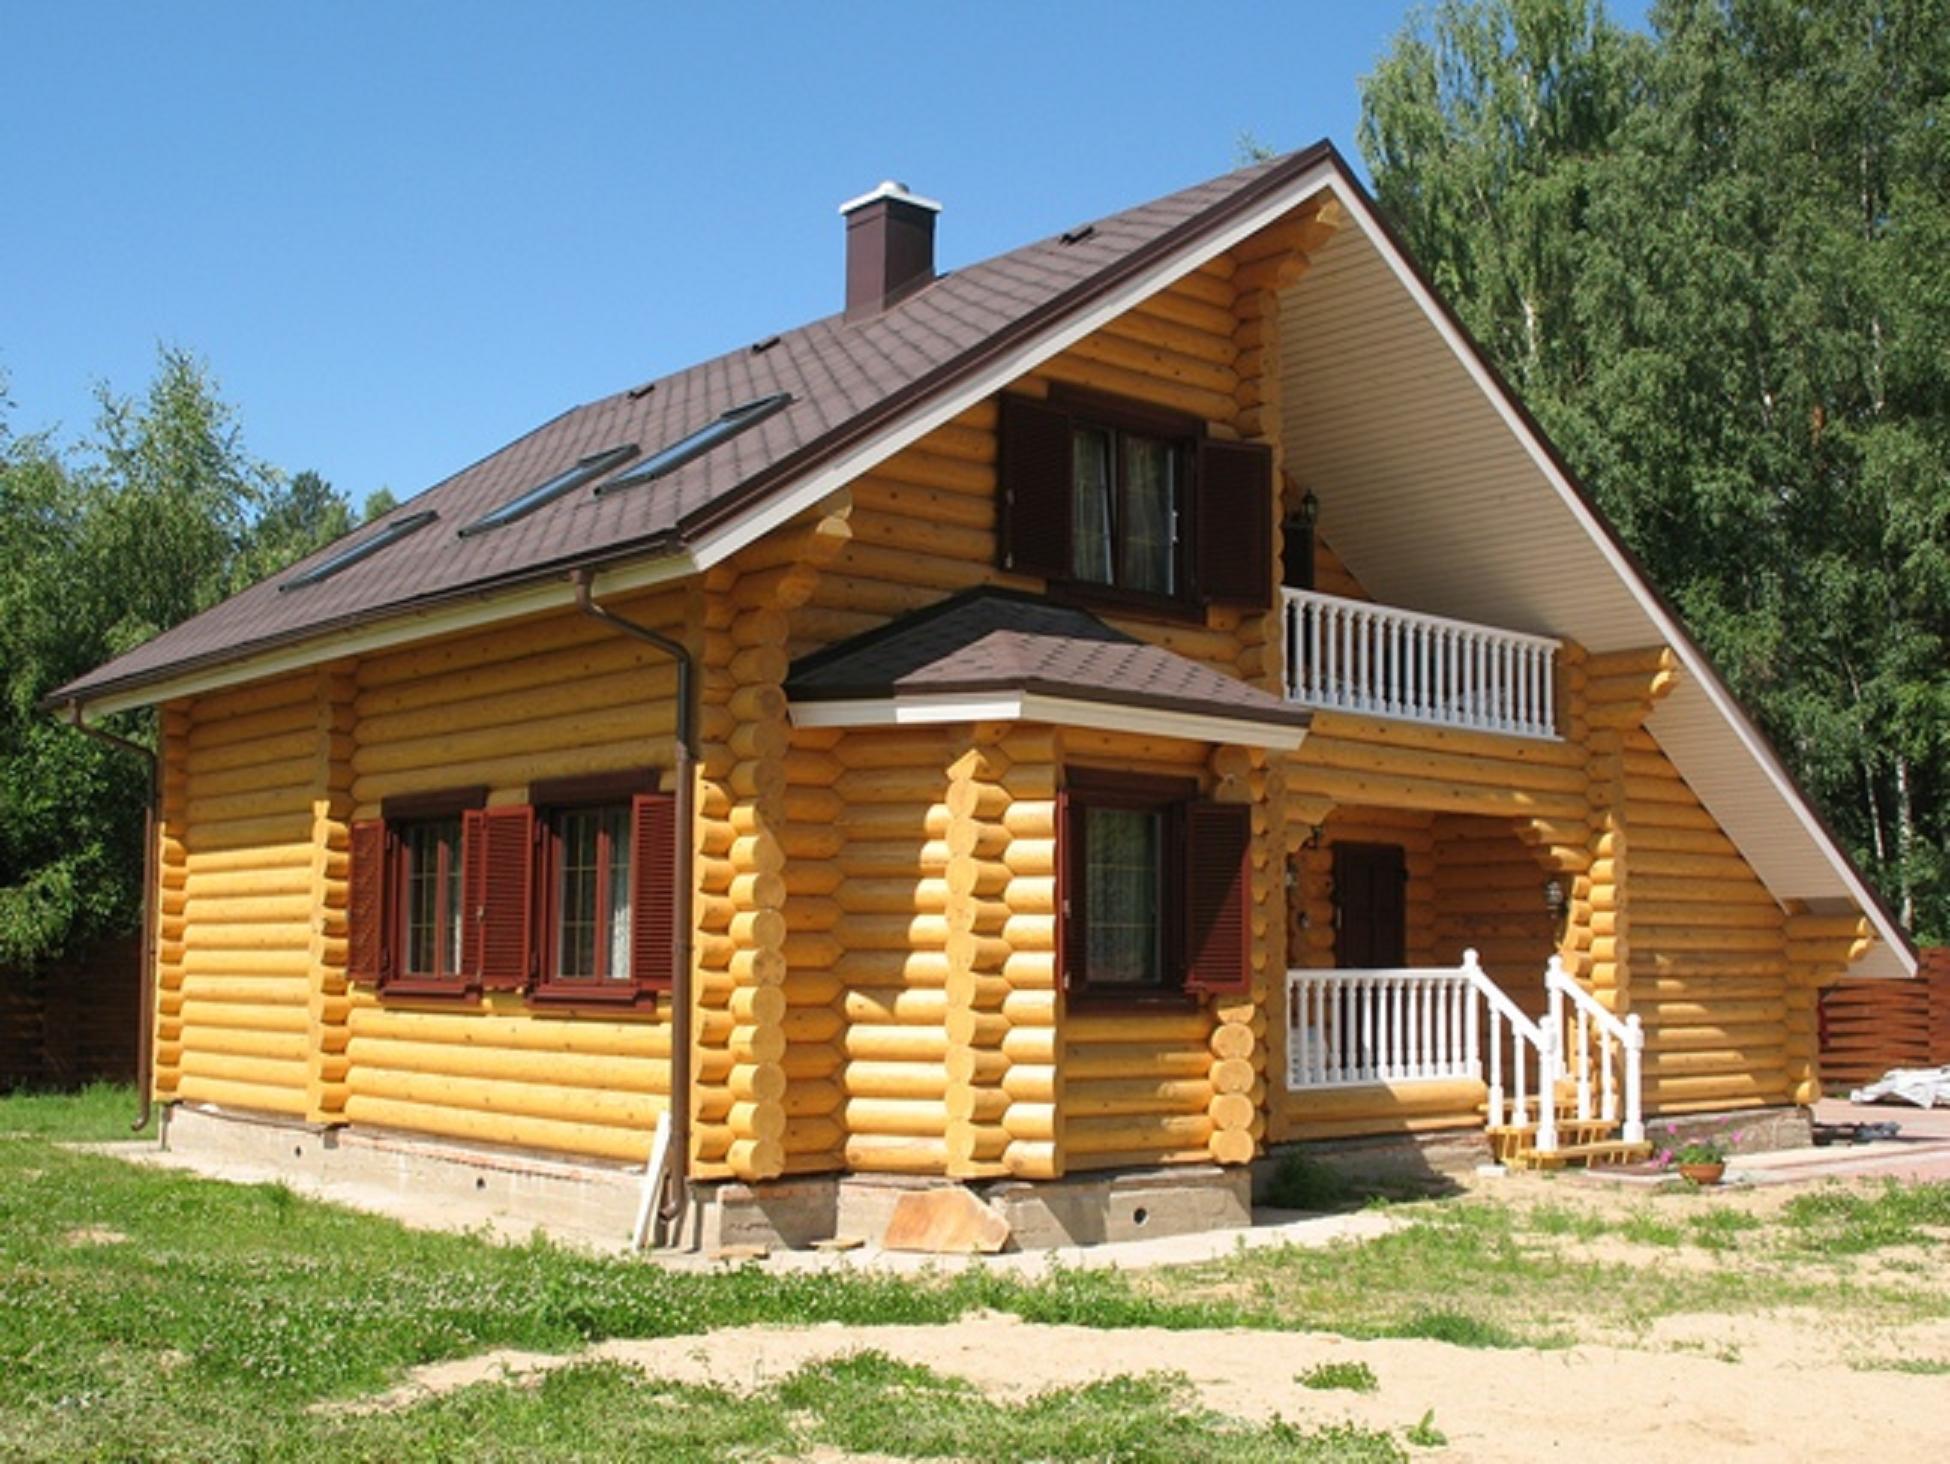 Брусовые дома - специфика проектирования домов из бруса